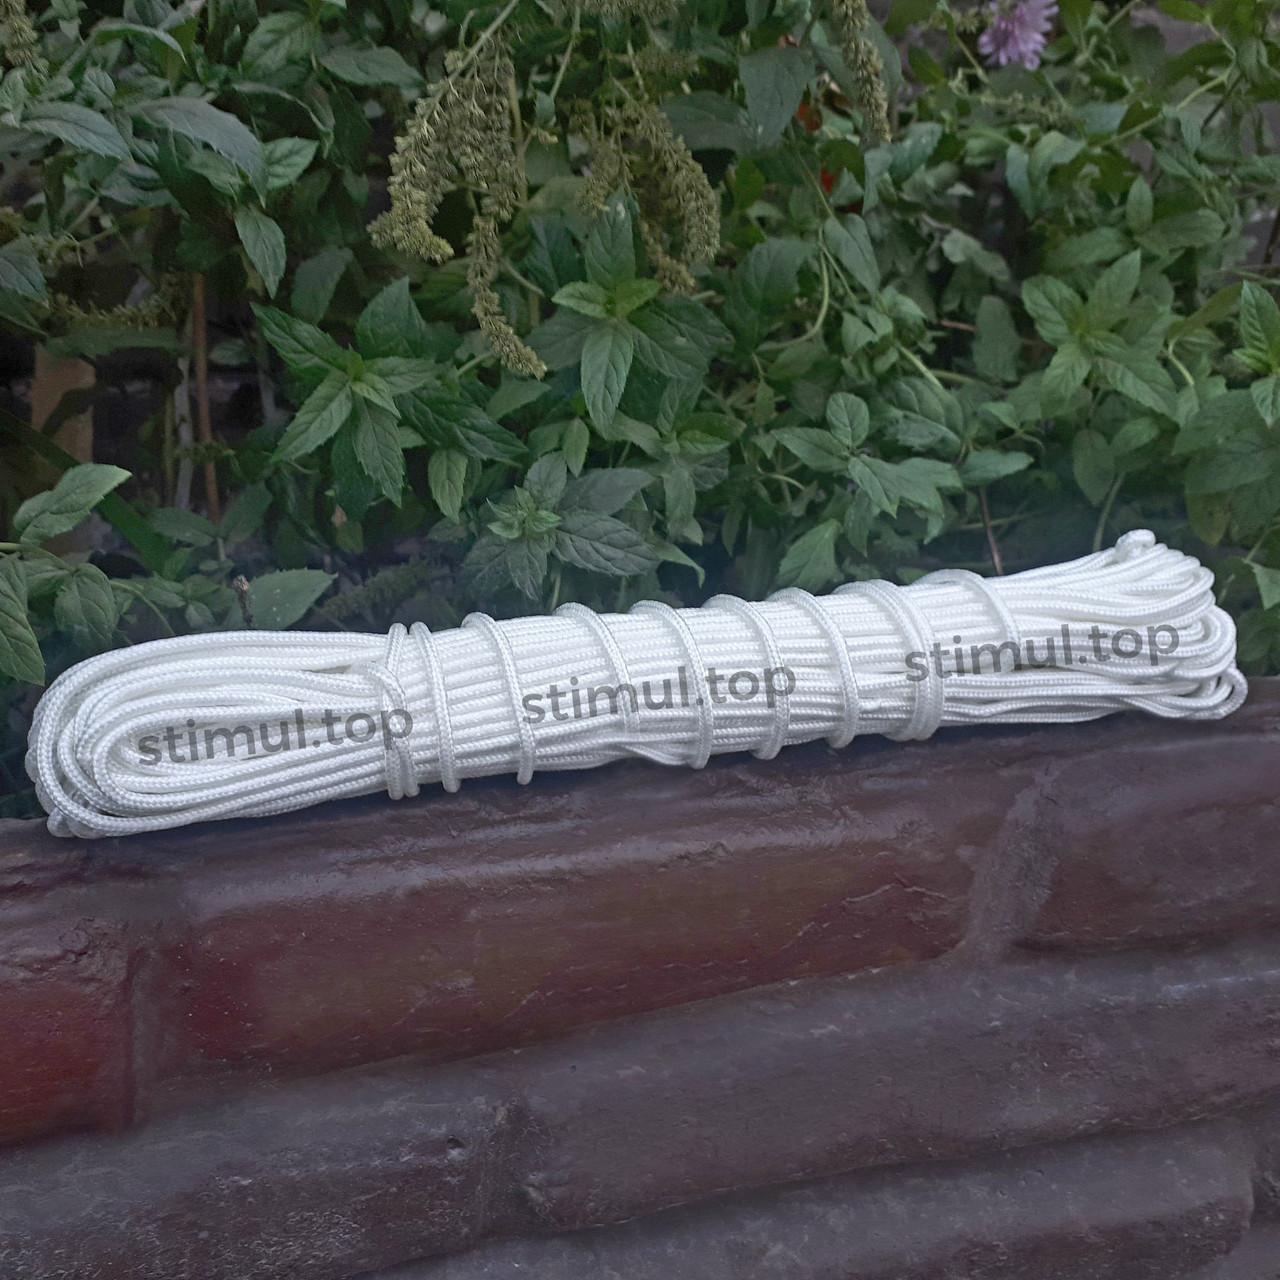 Шнур бытовой синтетический 2 мм х 25 м ✓ Веревка капроновая бельевая ✓ Мотузка білизняна синтетична